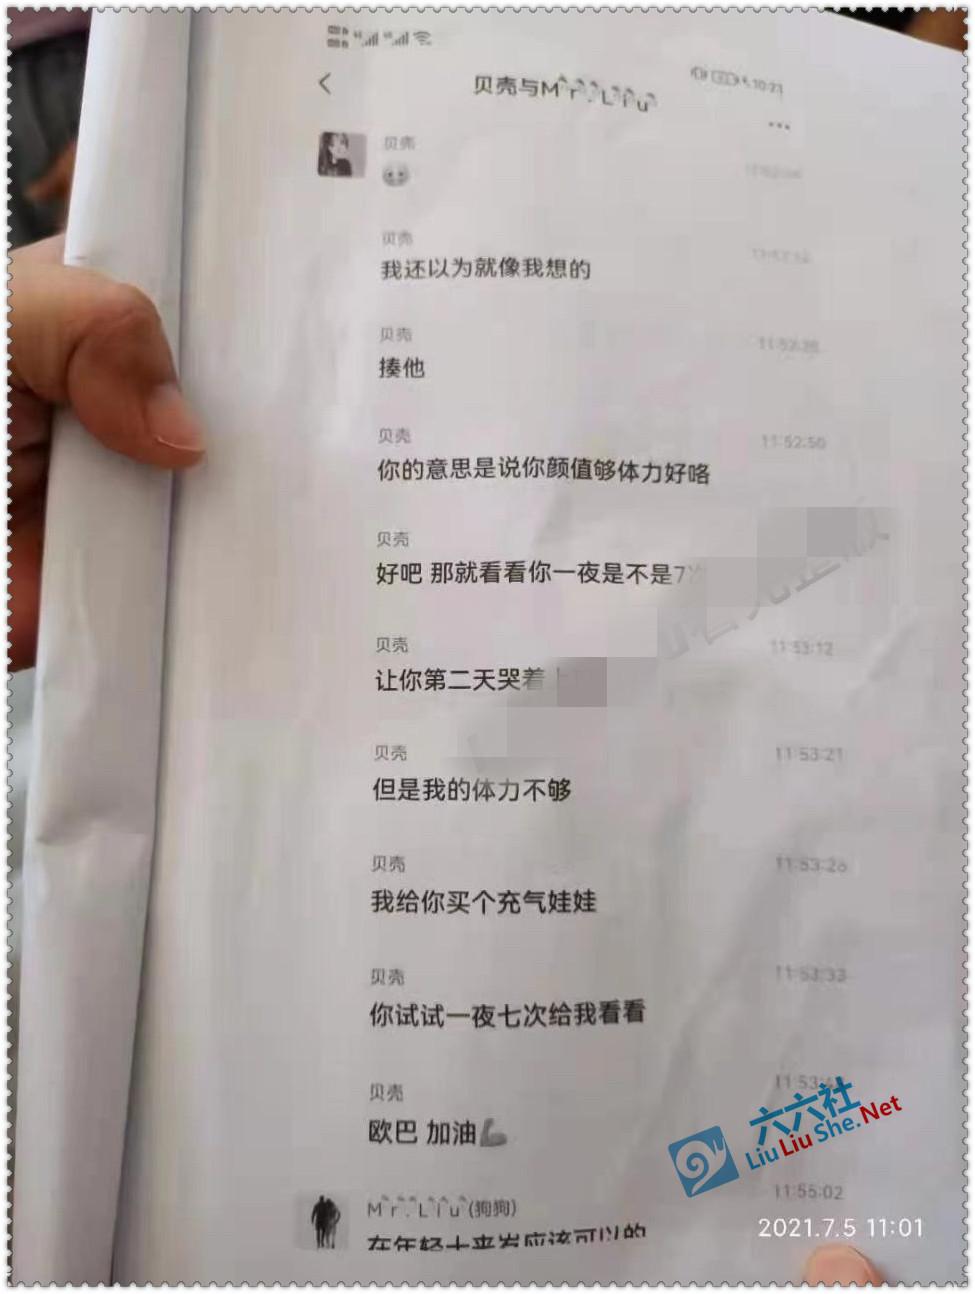 永州农商银行瓜 是怎么回事?附:刘某湘与柜员蒋某的暧昧聊天记录 吃瓜基地 第10张